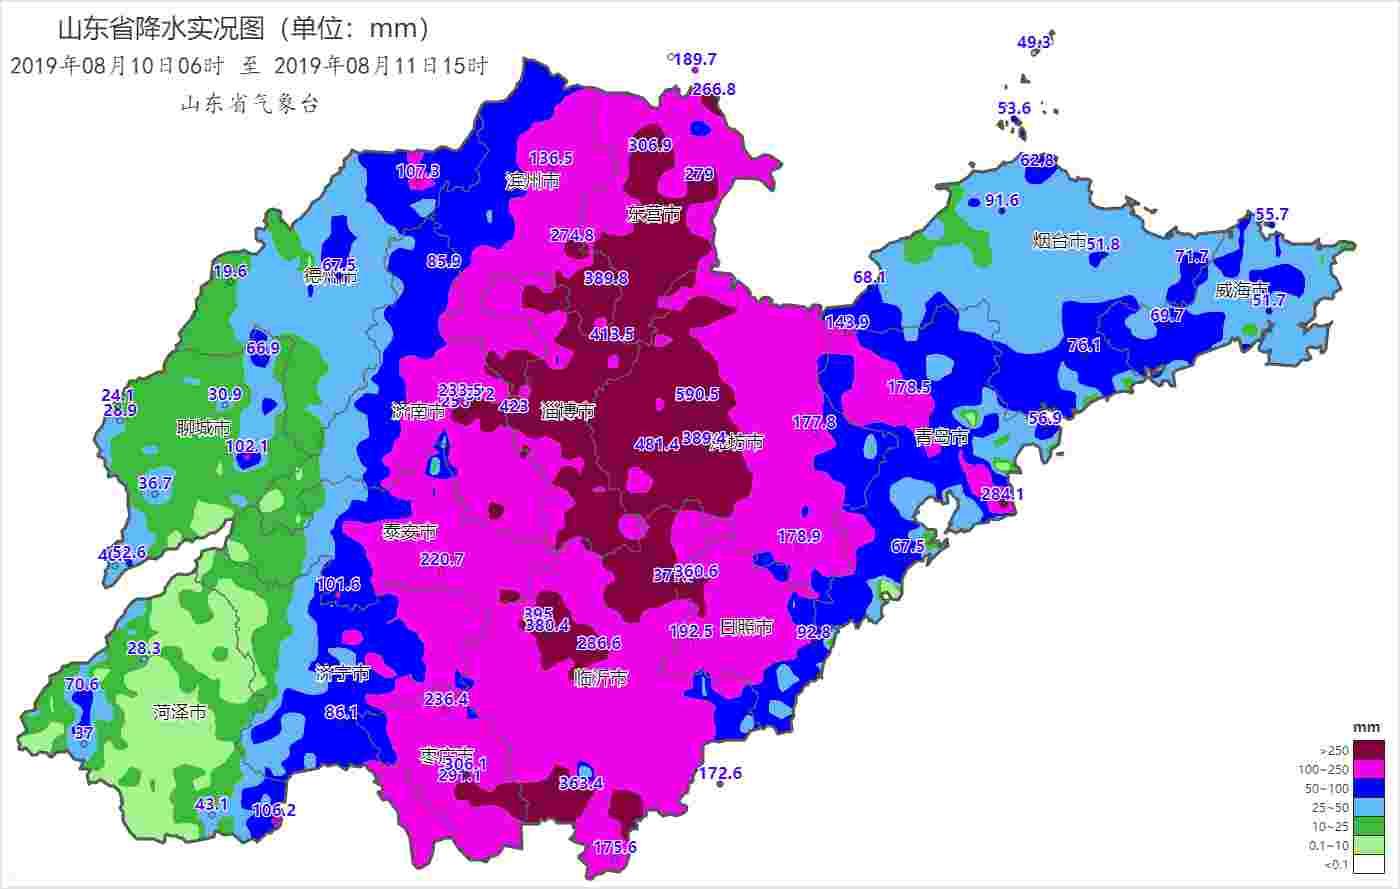 33个小时降水590.5mm 山东昌乐县城南累计降雨量维持全省最高